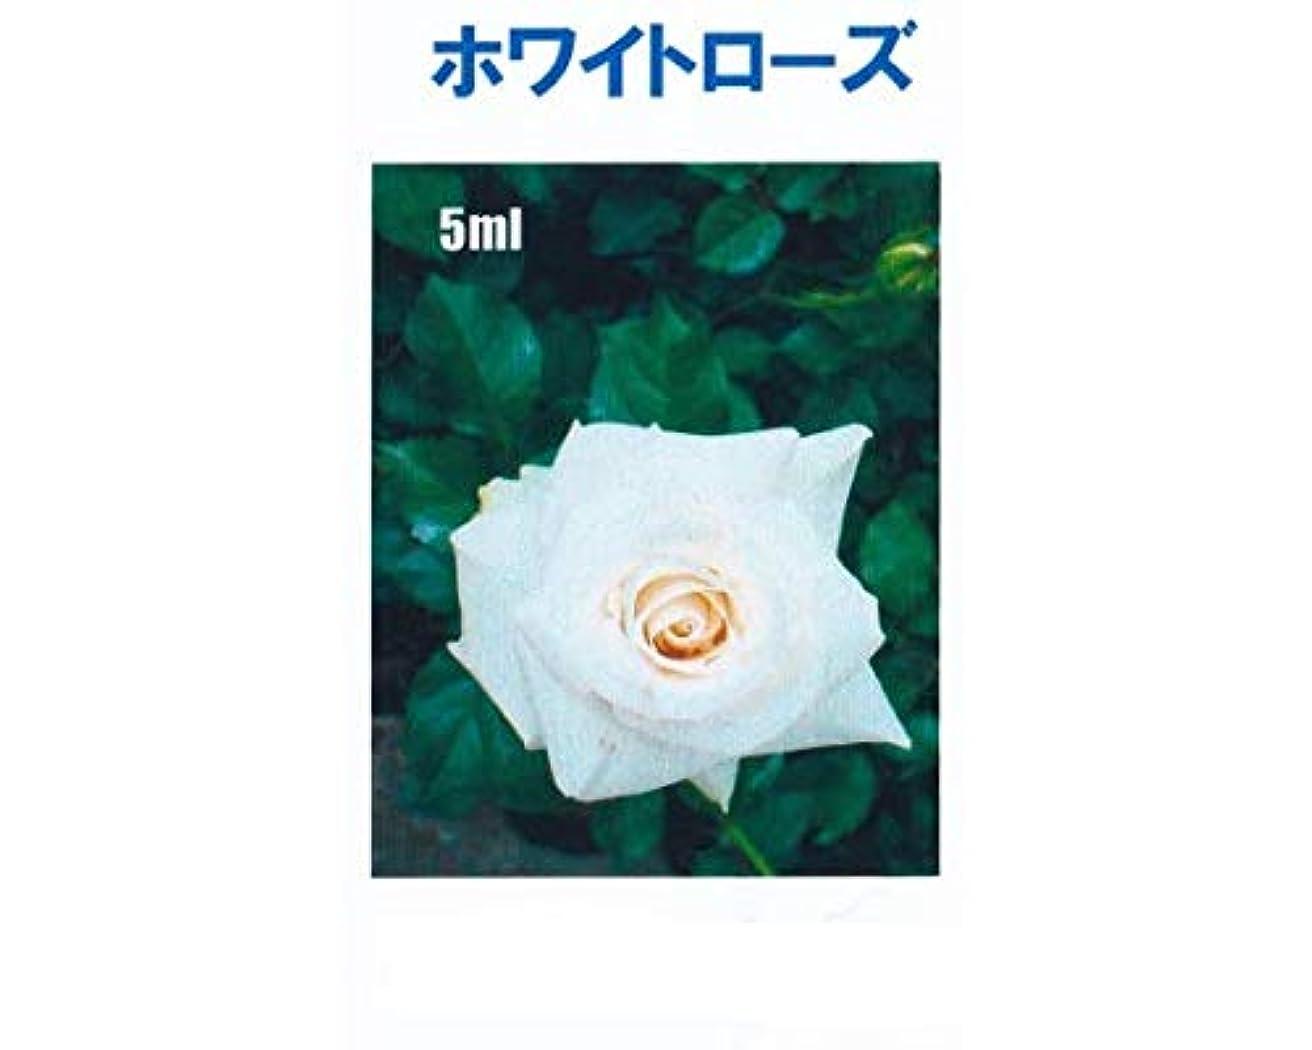 プレミアムペストリーデイジーアロマオイル ホワイトローズ 5ml エッセンシャルオイル 100%天然成分